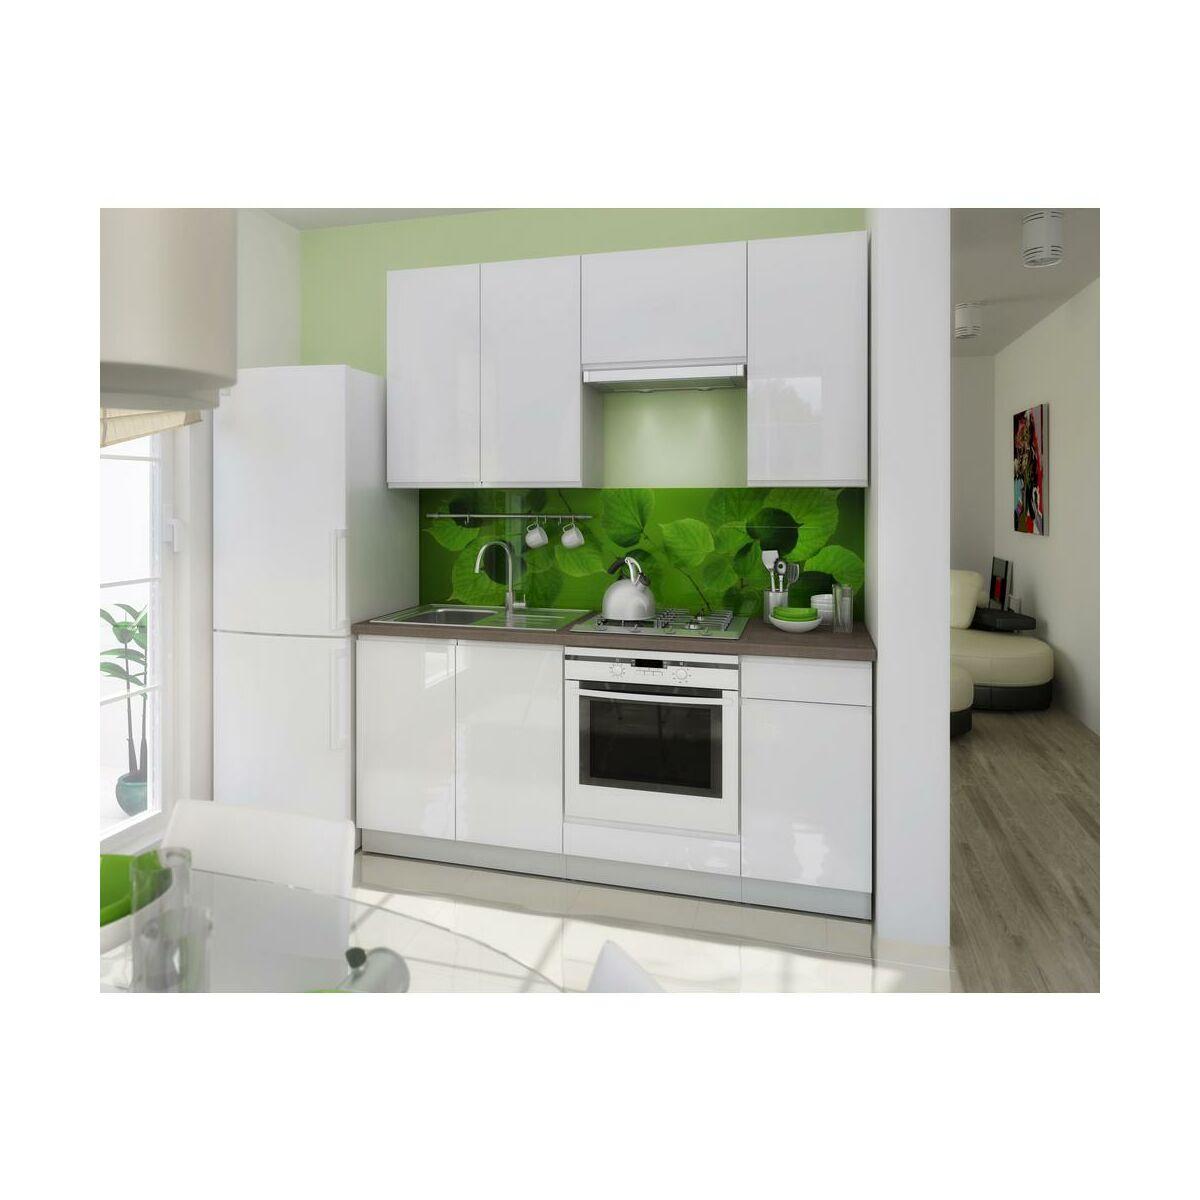 Zestaw mebli kuchennych LAMJA kolor biały LAYMAN  Meble   -> Kuchnia Leroy Merlin Limonka